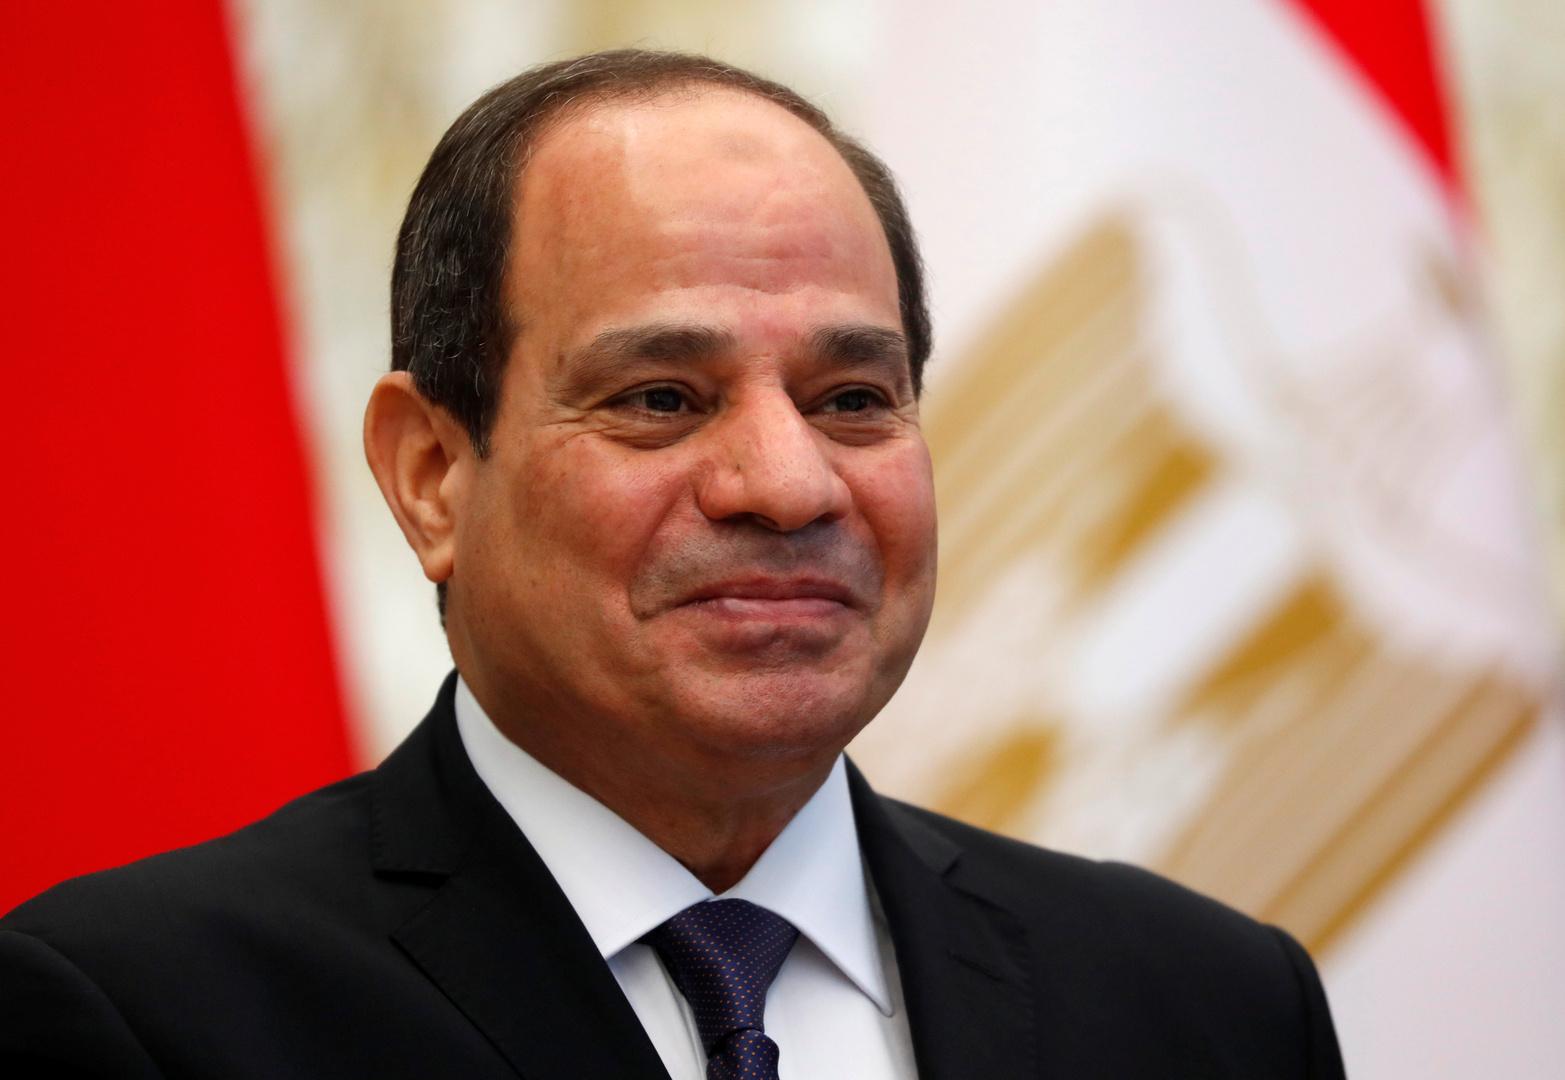 ضابط مصري أمام السيسي مستشهدا بحافظ إبراهيم: